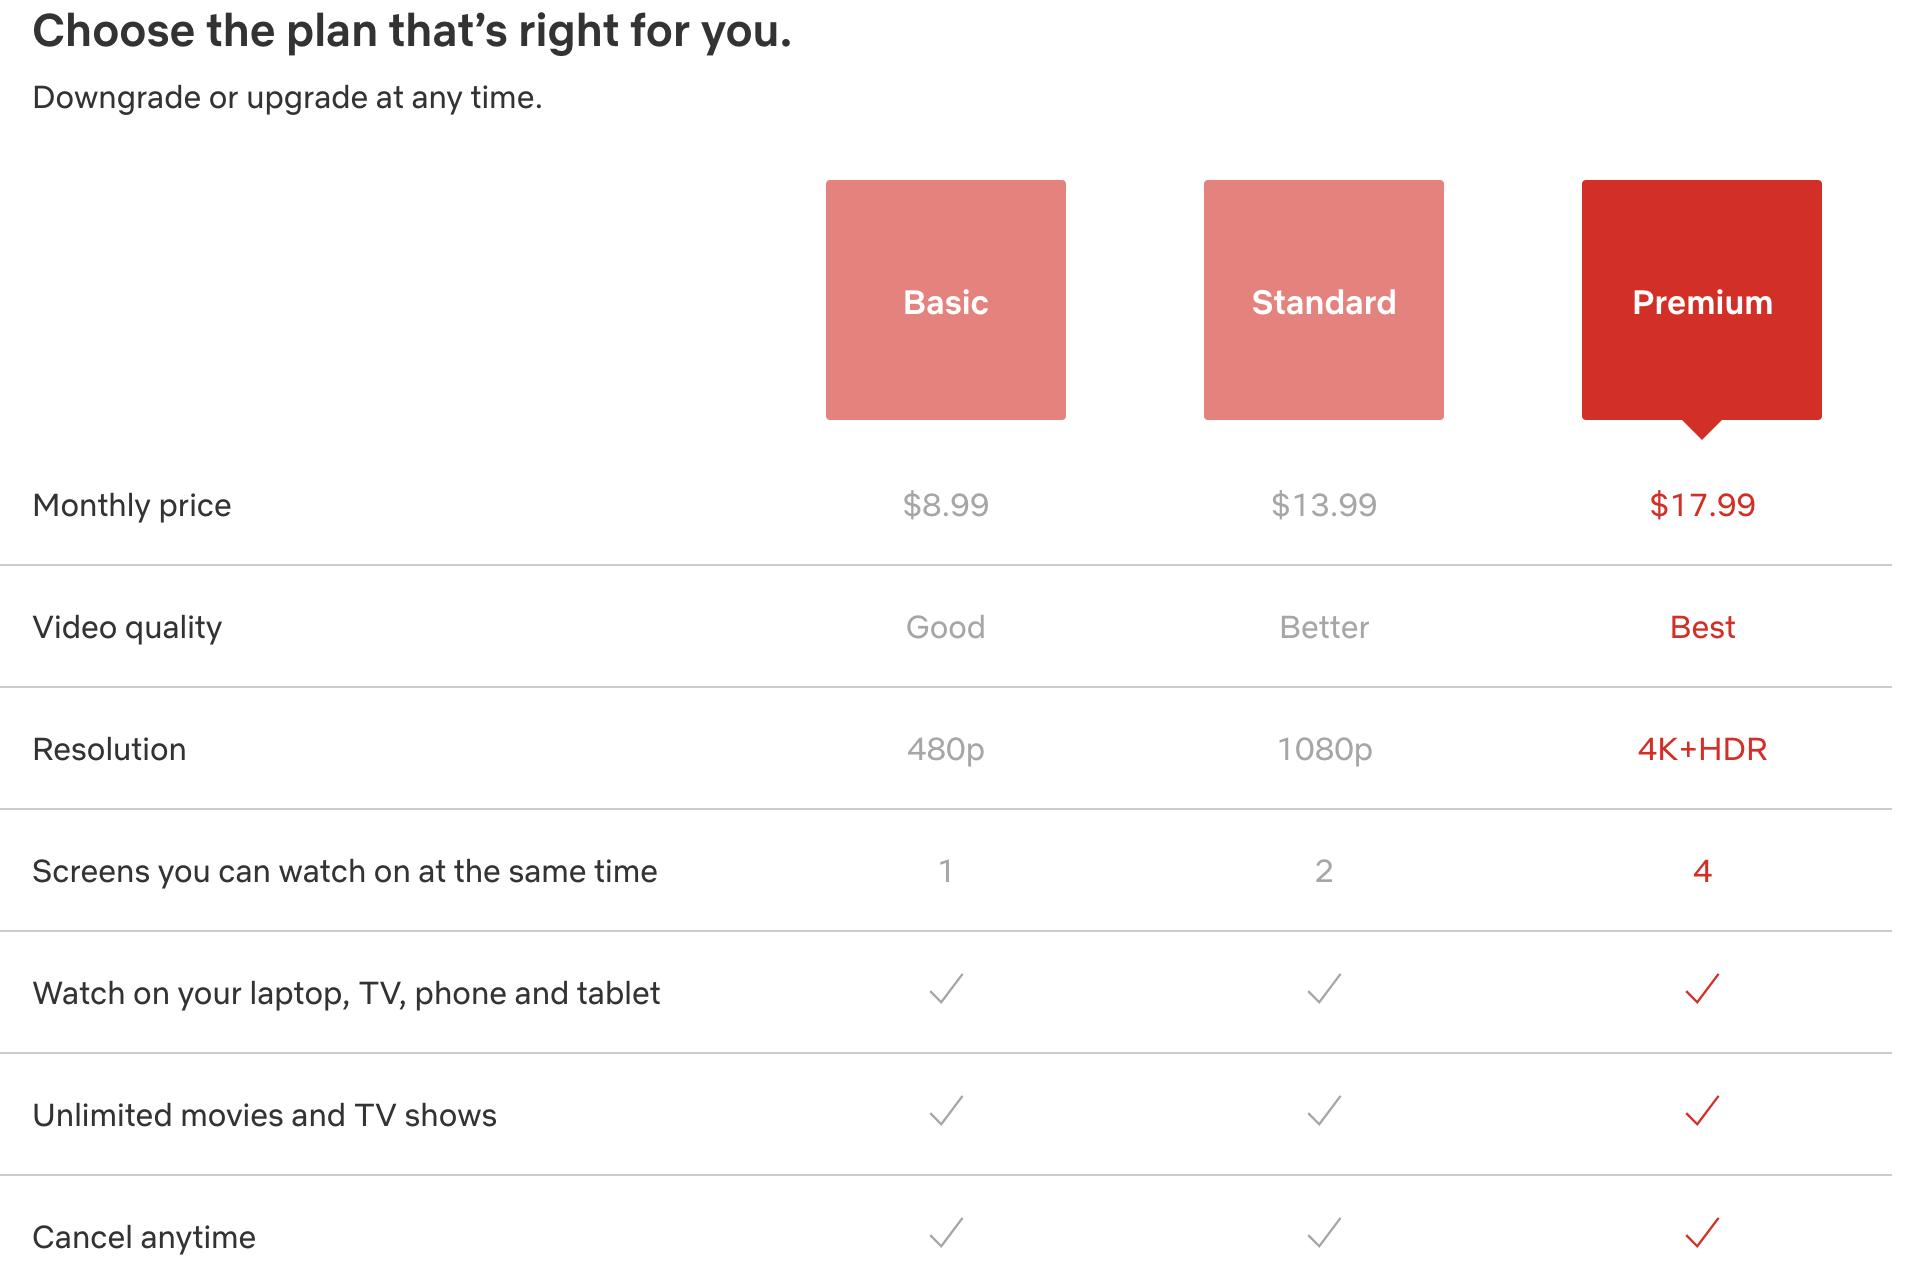 订阅用户激增奈飞逆势提价:高清视频月费加价1美元起